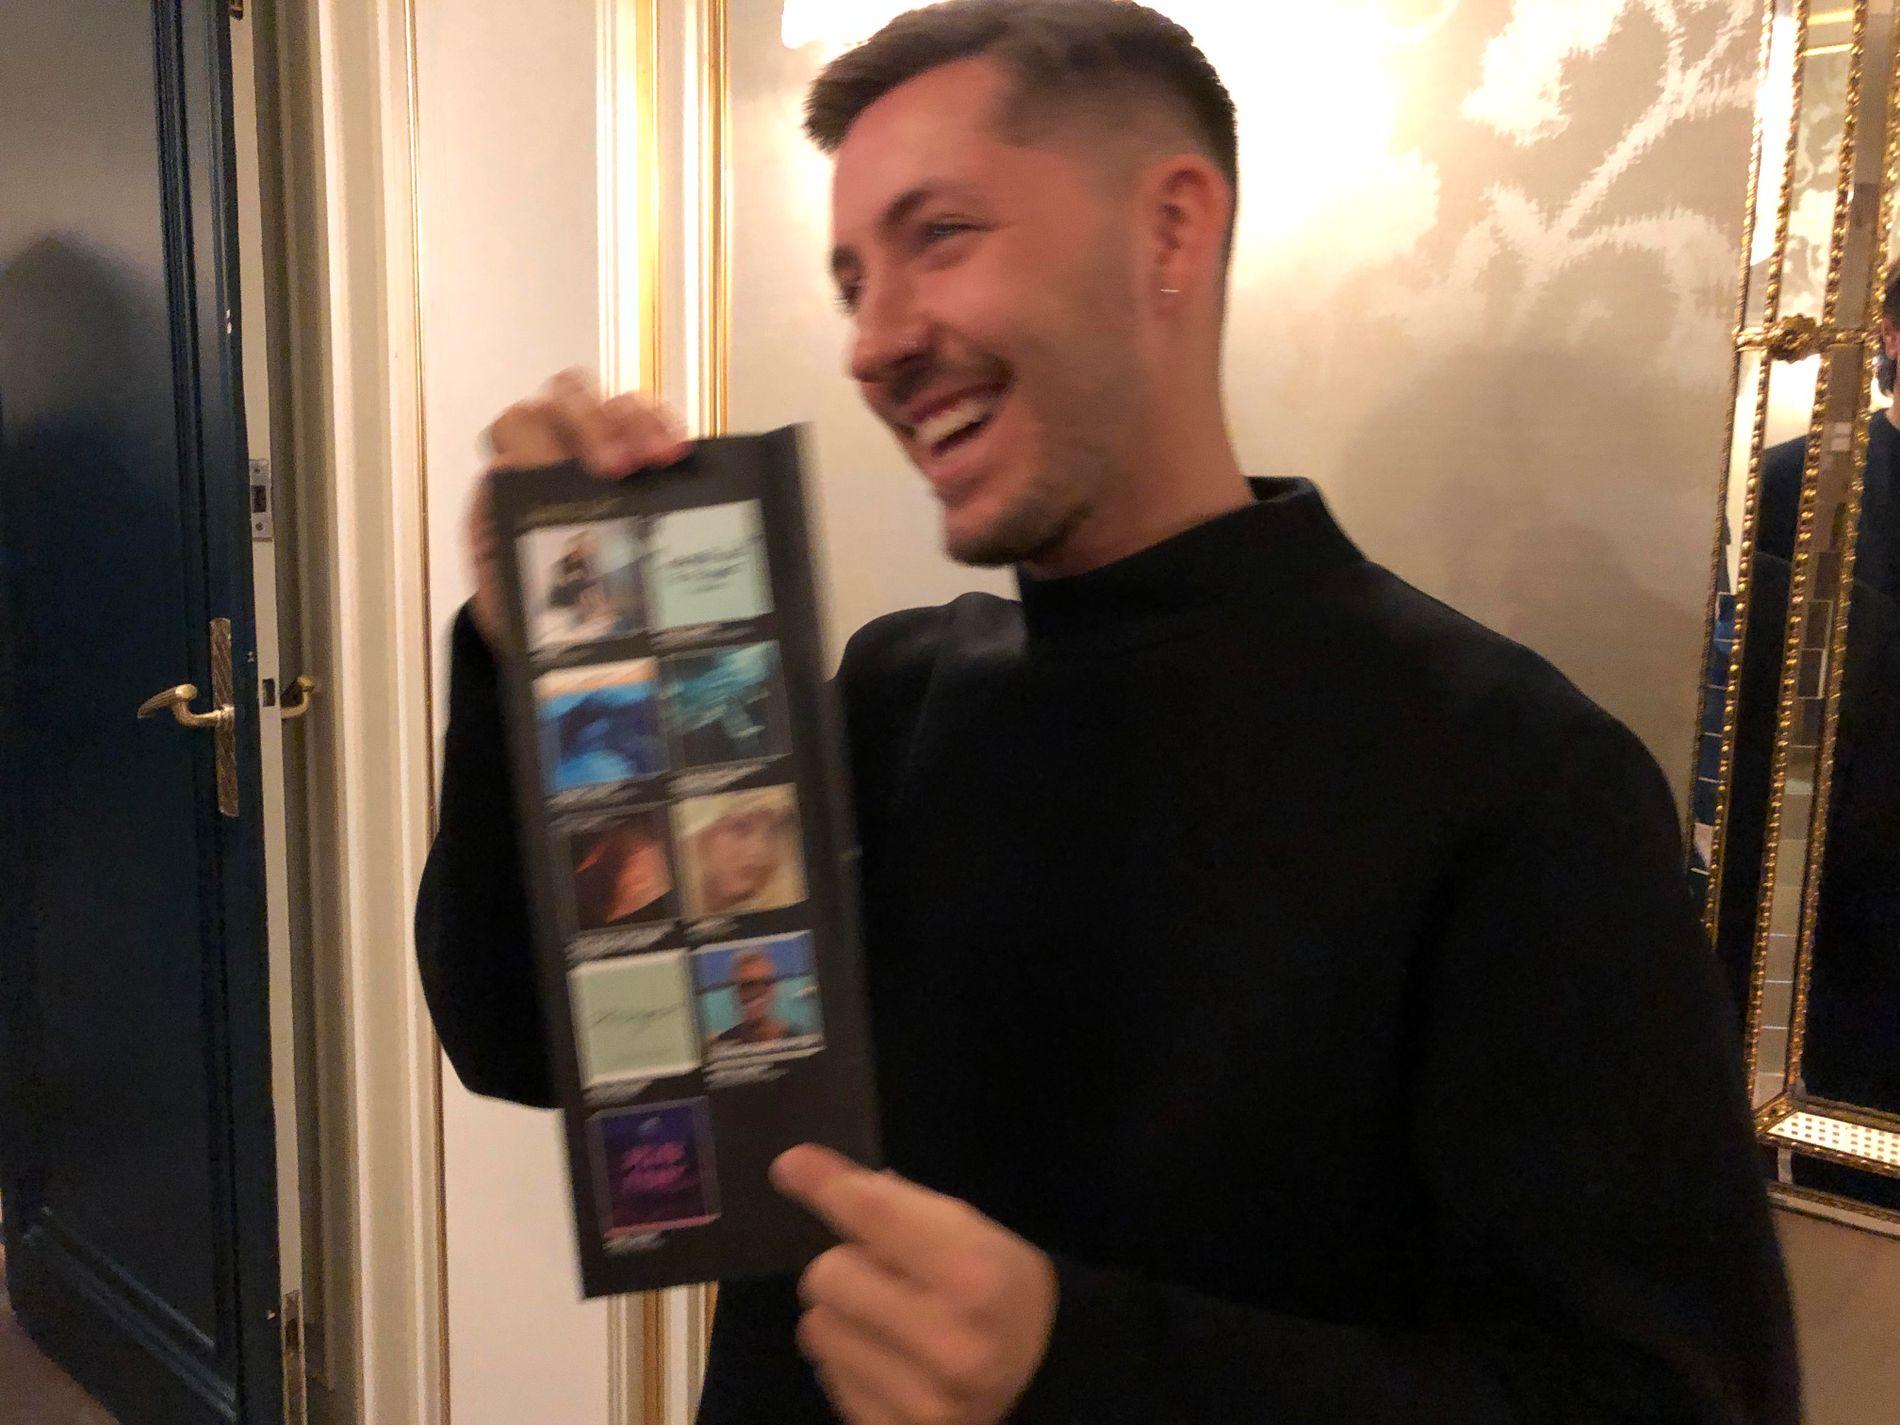 FALT UT: Ruben viser frem listen over de «Årets låt»-nominerte, hvor hans egen «Walls» var borte.